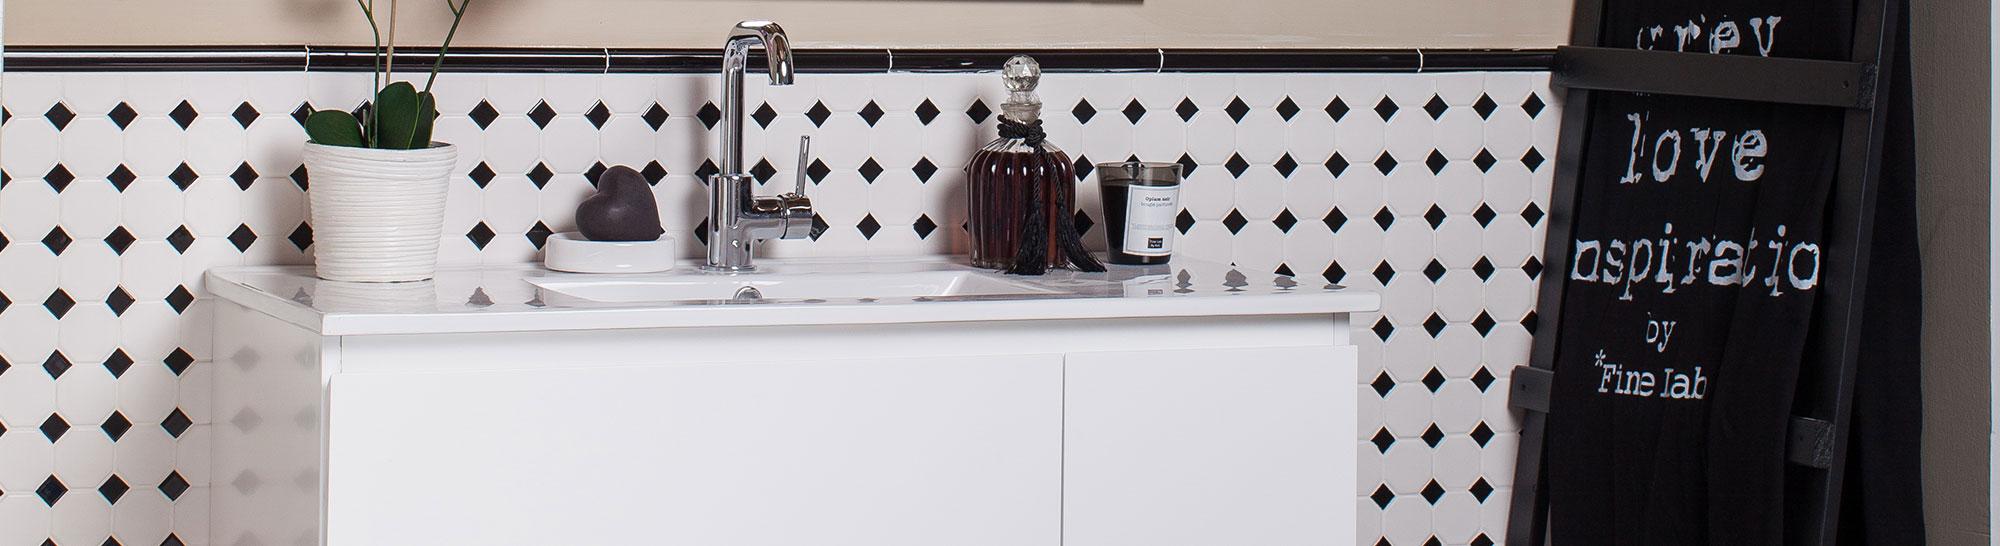 מדהים ארון אמבטיה עליון - סבח חדרי אמבטיה GQ-36